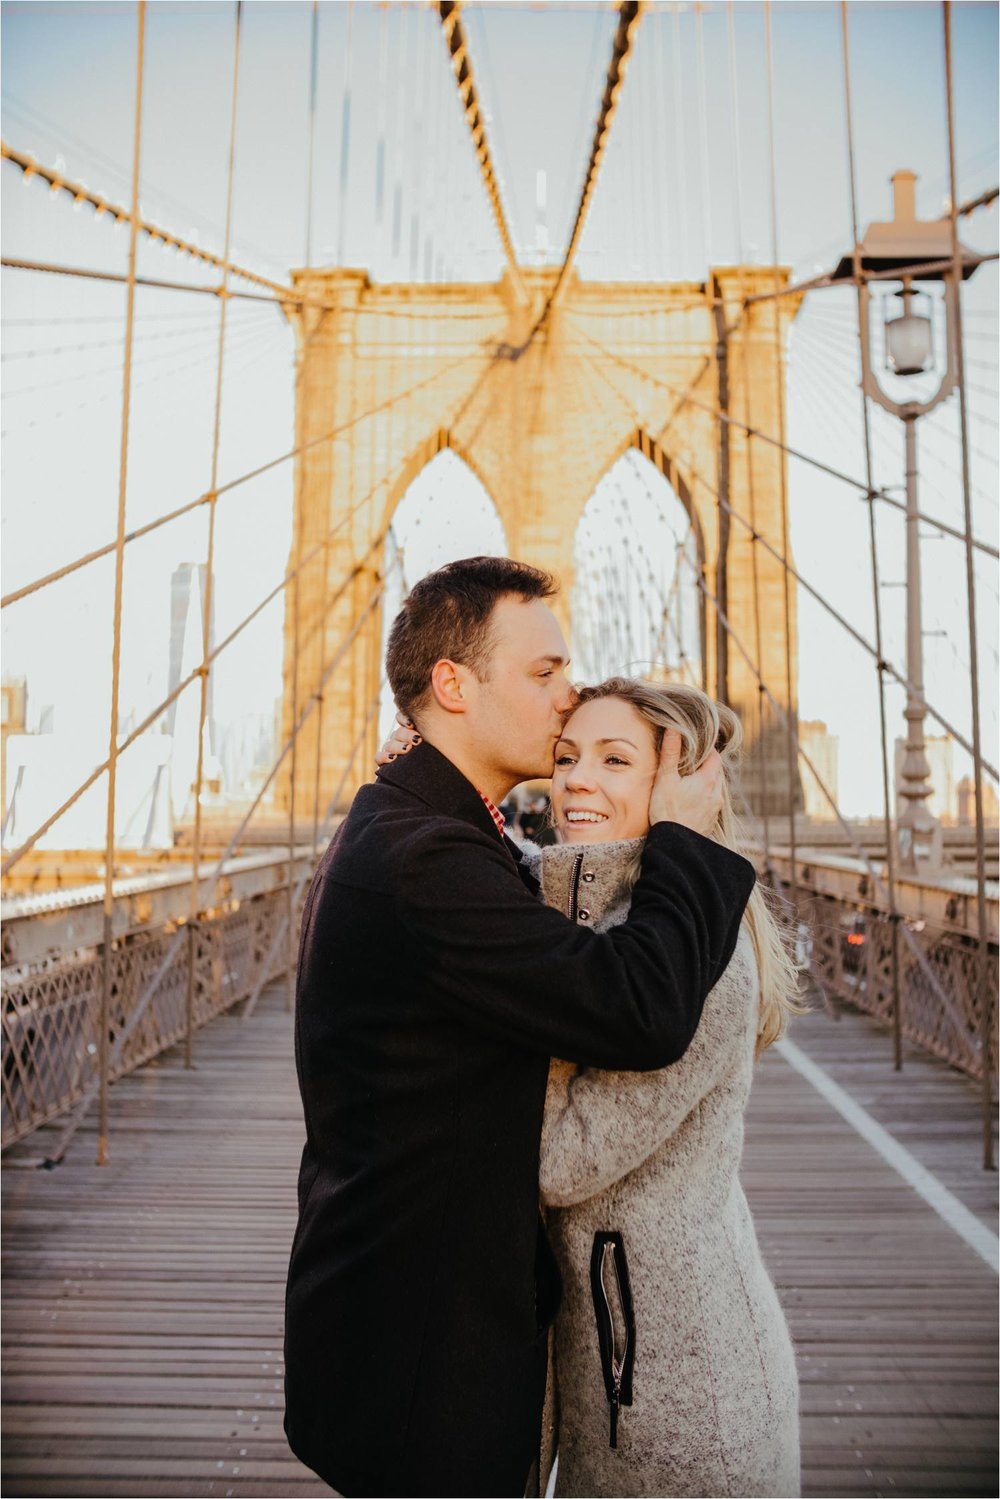 Dumbo engagement photos - nyc engagement photographer - brooklyn bridge engagement photos - ny engagement photo ideas